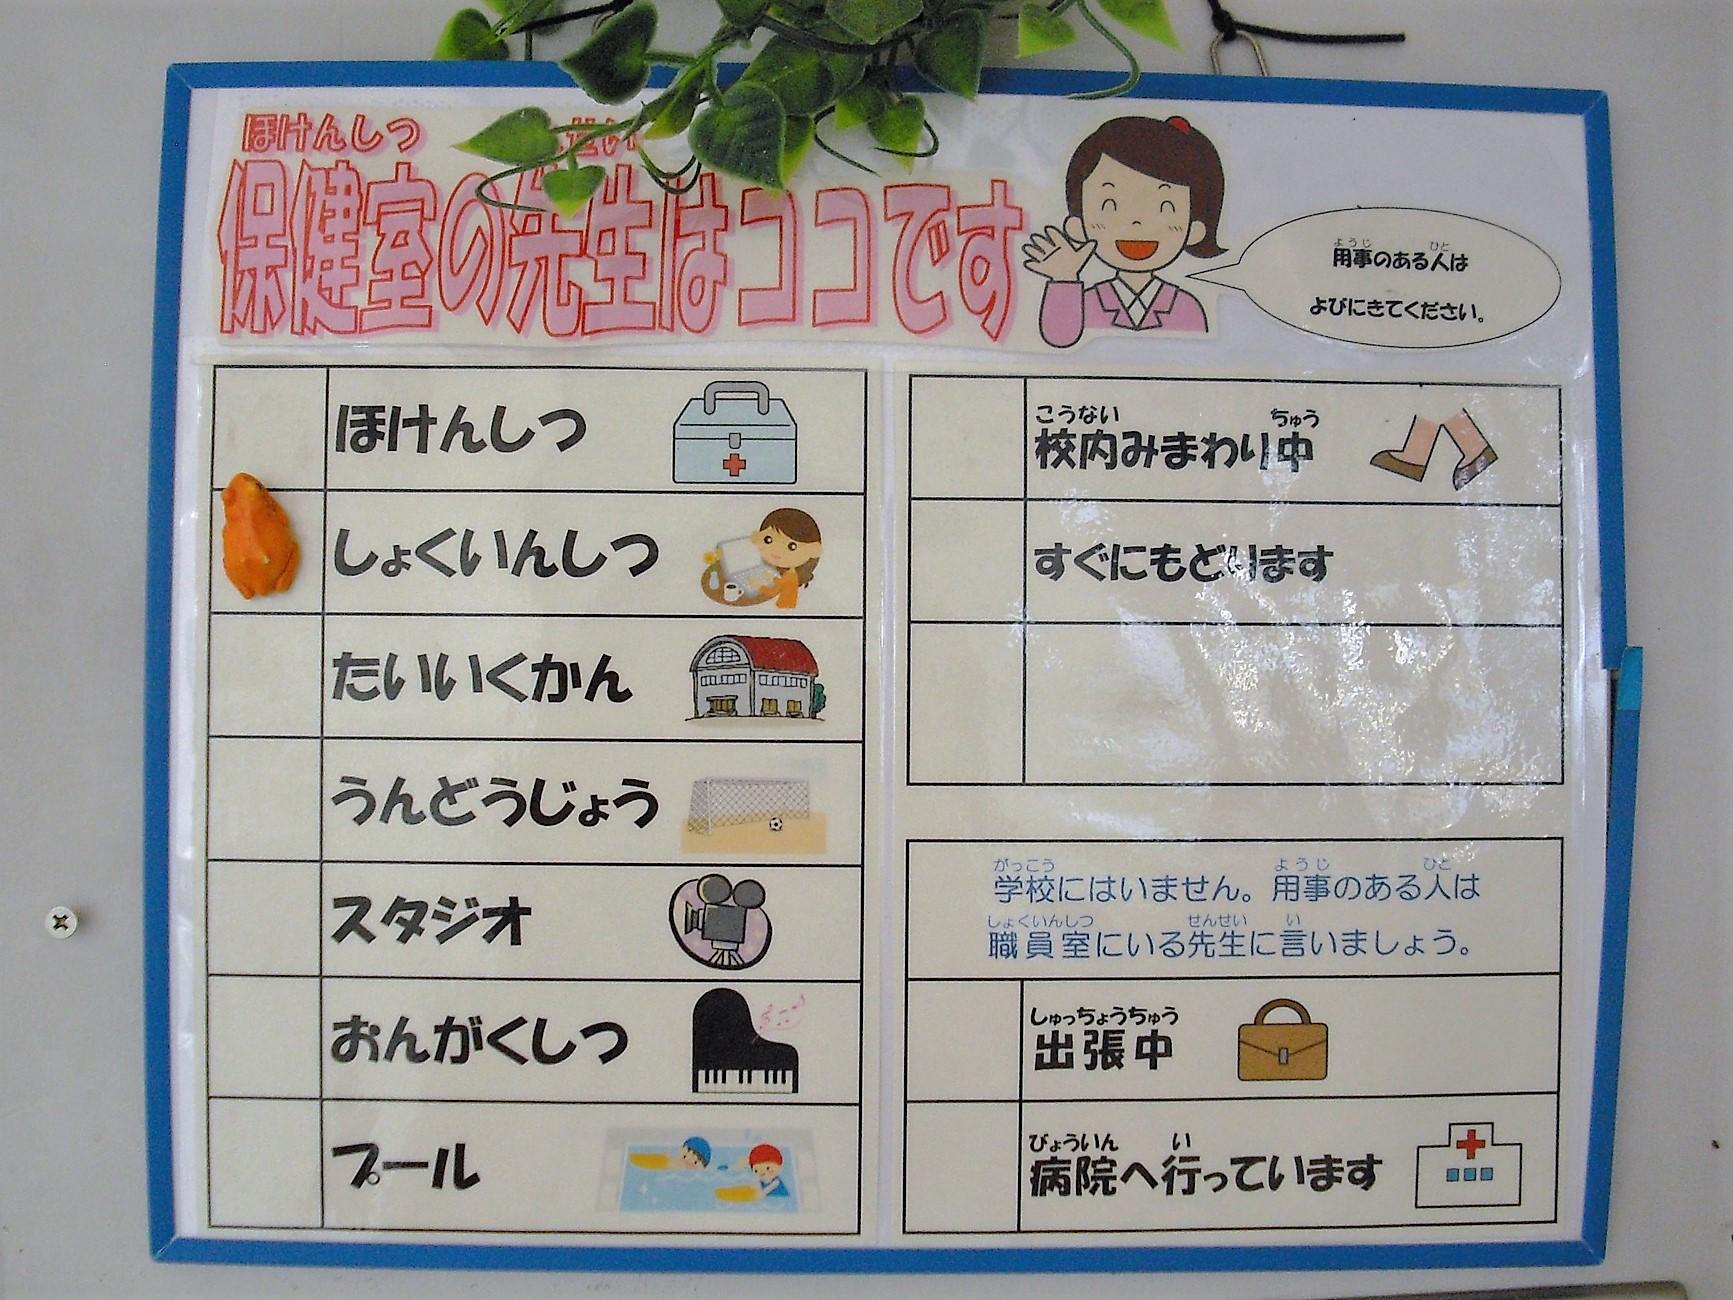 【保健室の先生どこにいる?】養護教諭の所在表を3タイプに分類(作り方あり)